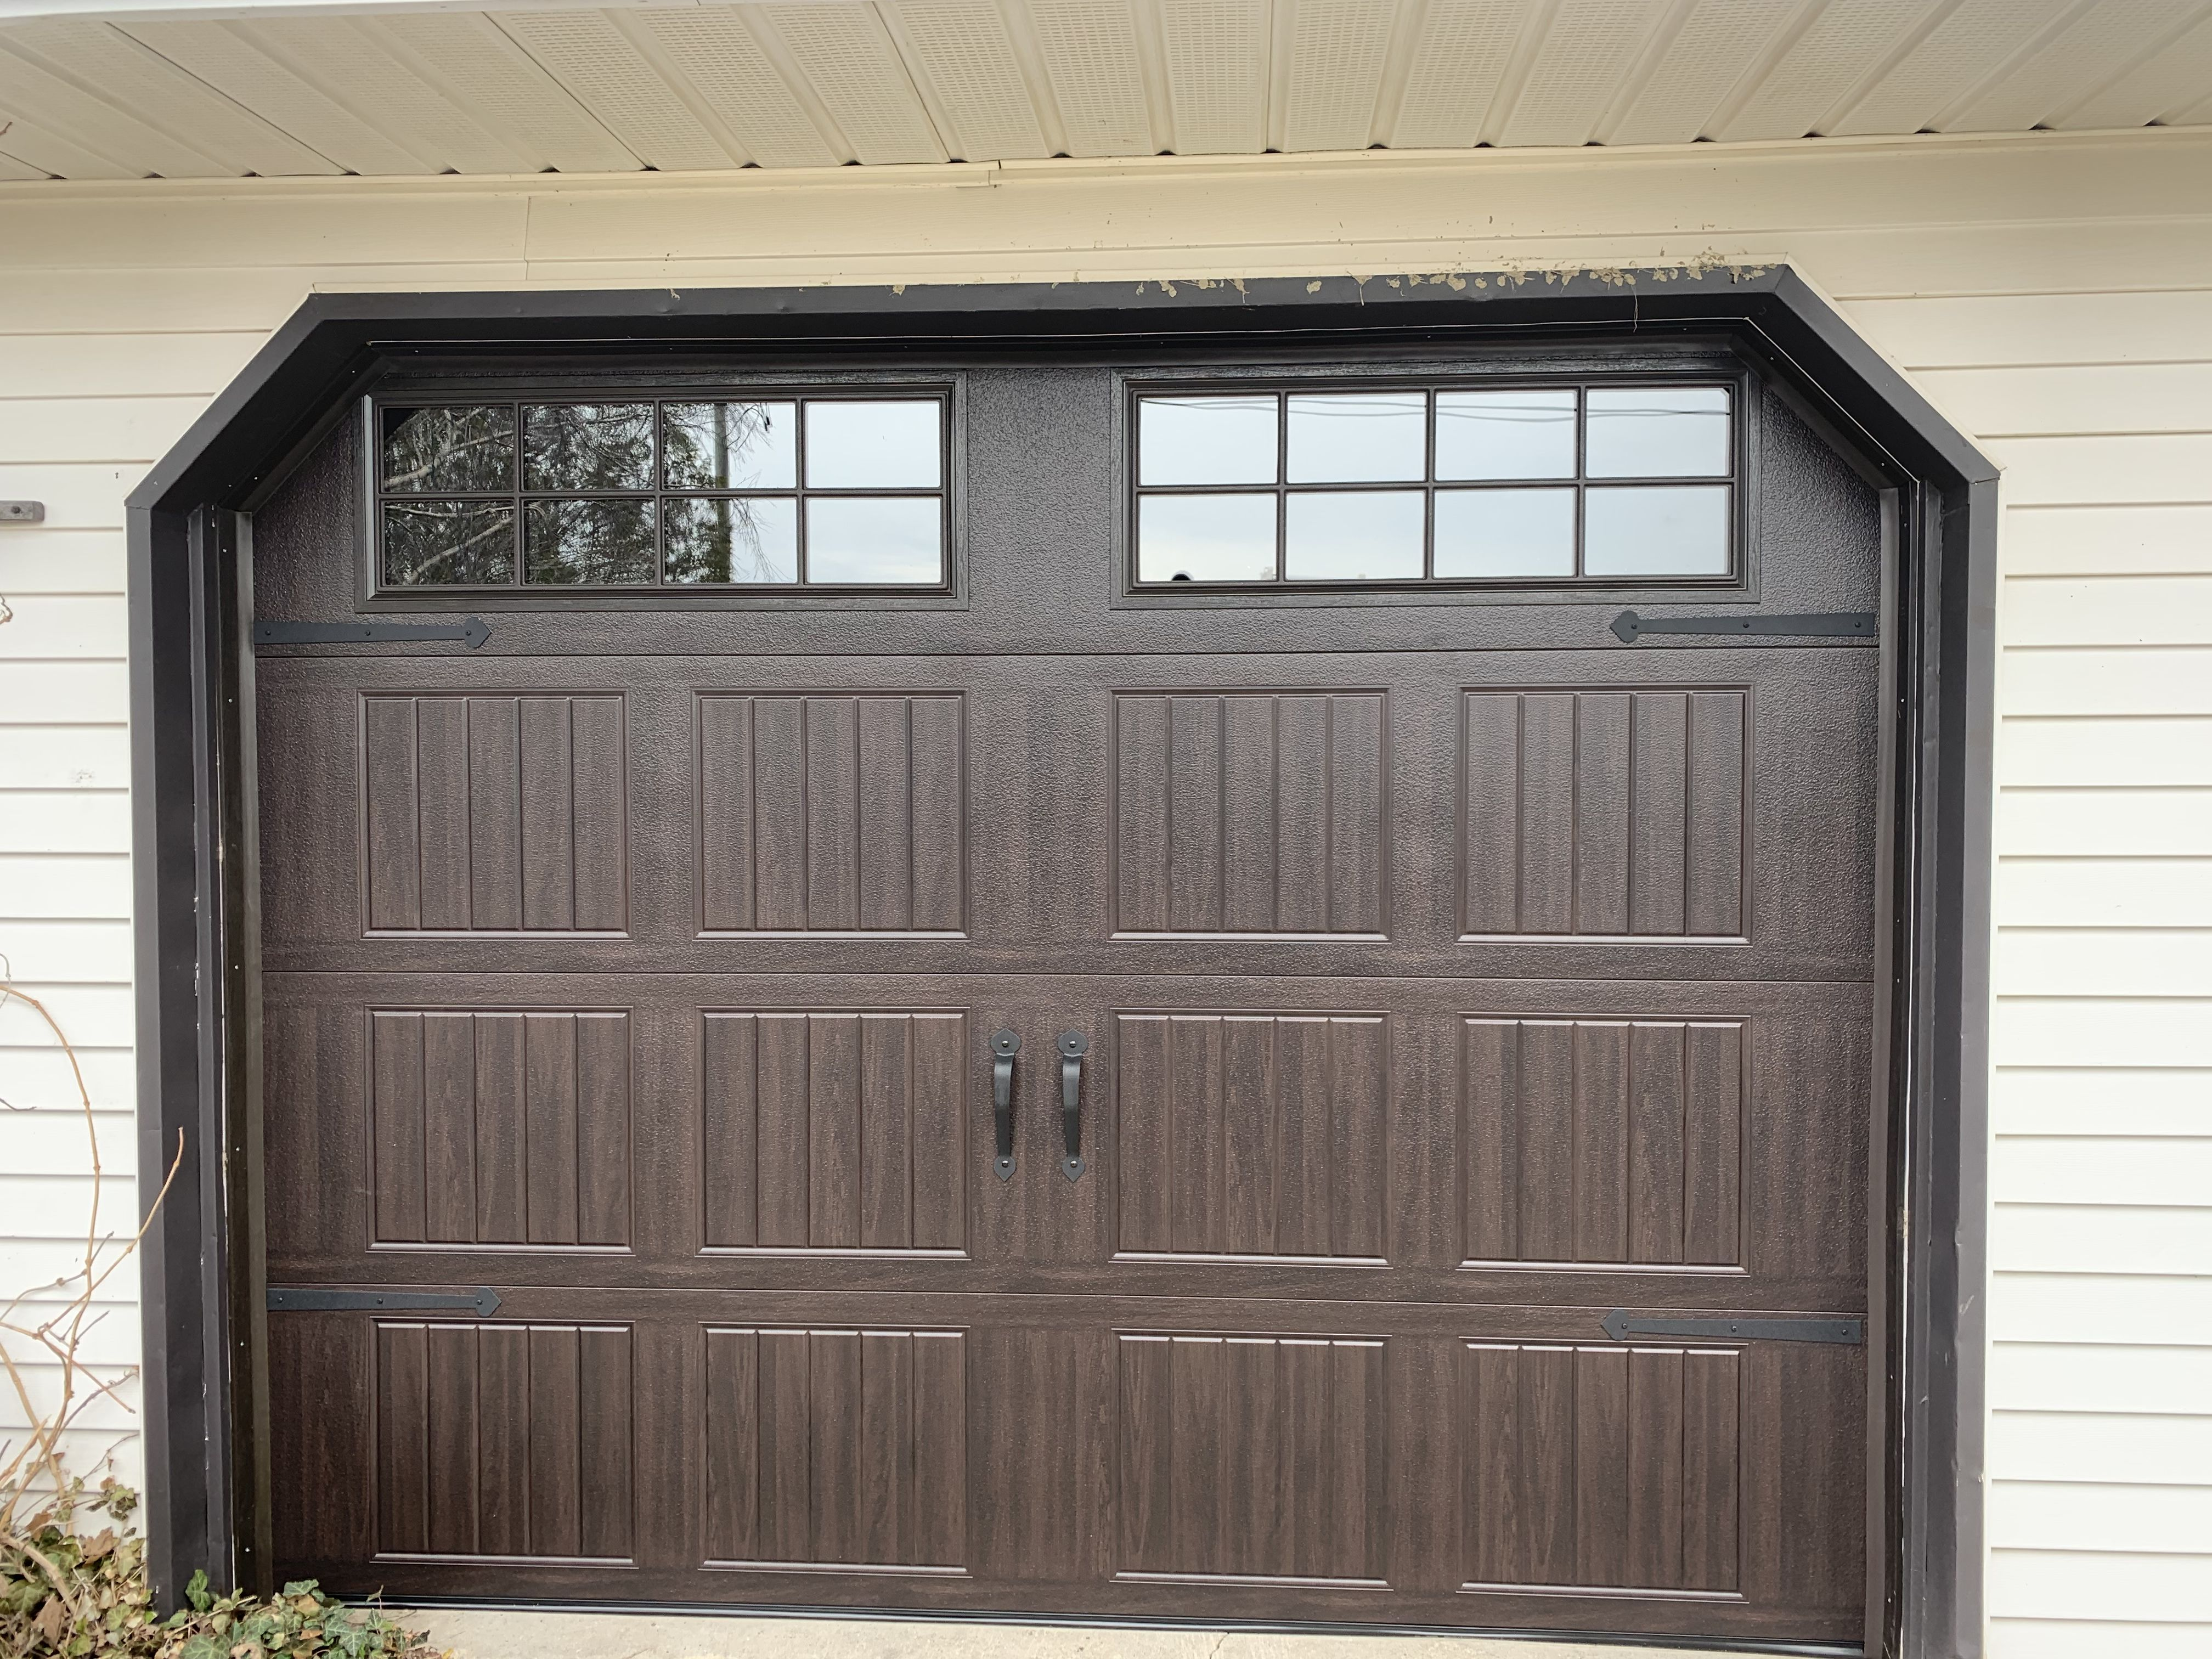 Wayne Dalton Garage Doors Wayne Dalton Garage Doors Garage Doors Garage Door Design